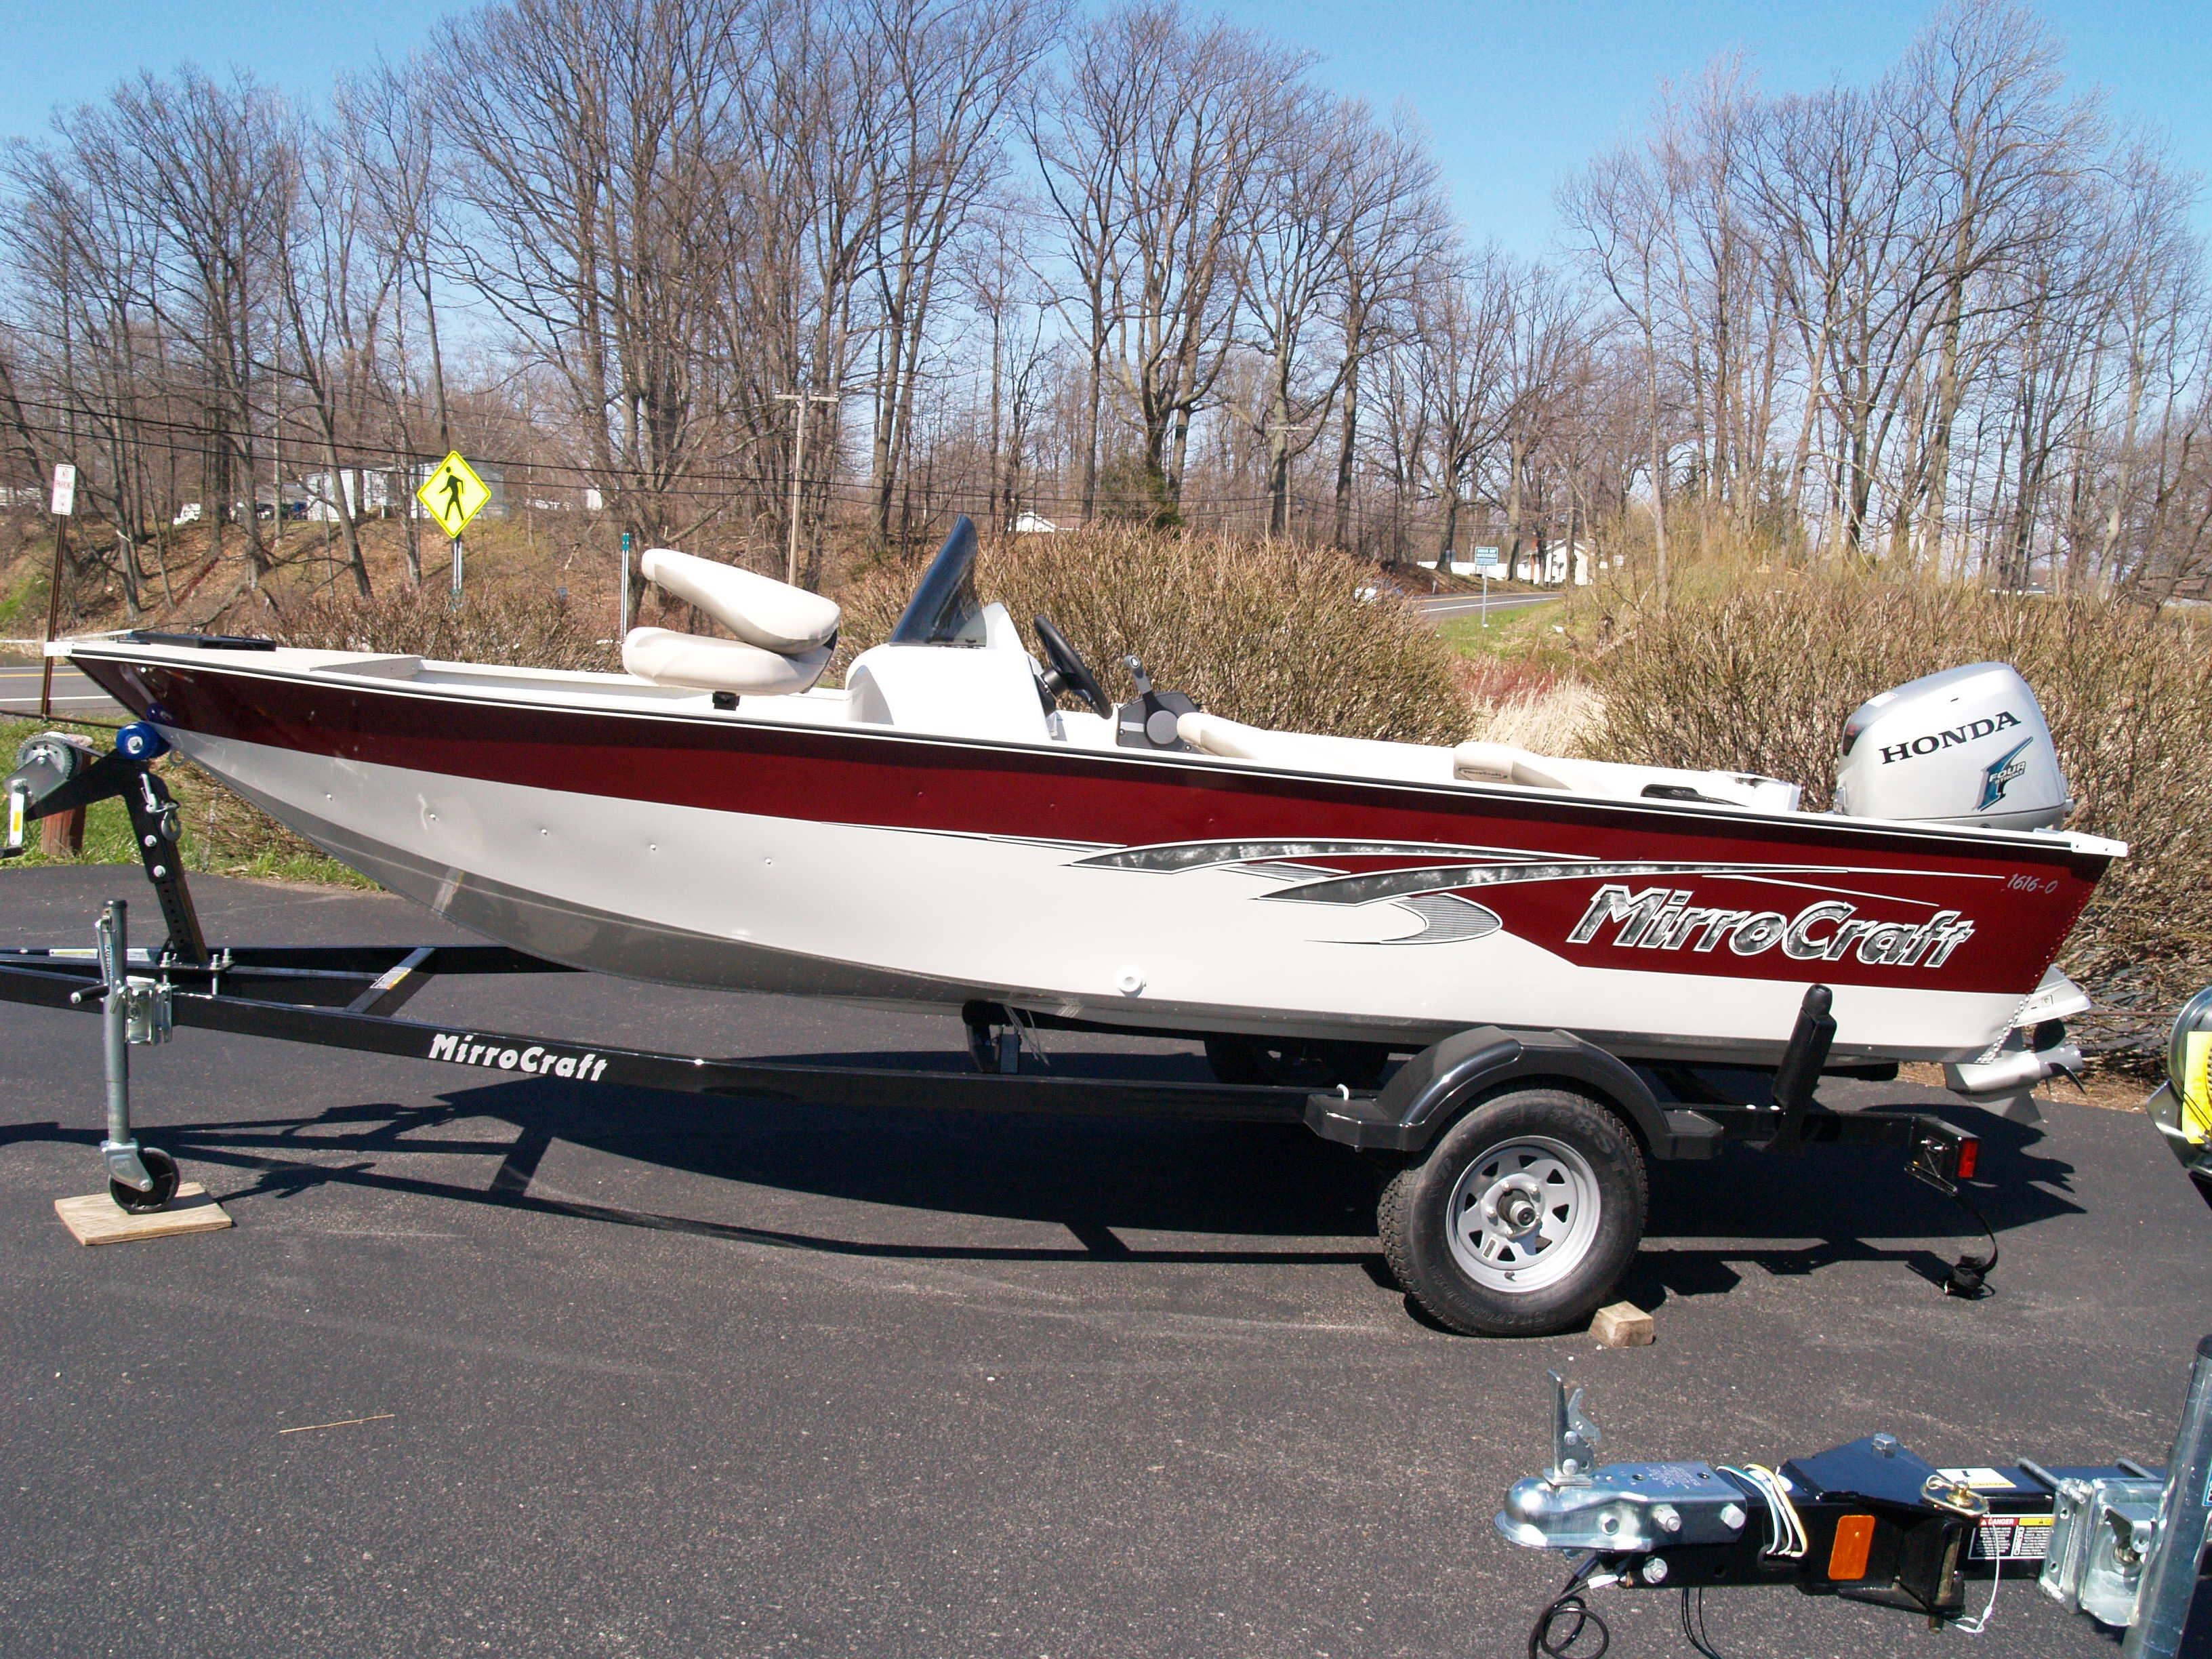 boat invoice prices boat honda motor price all boats 3264 X 2448